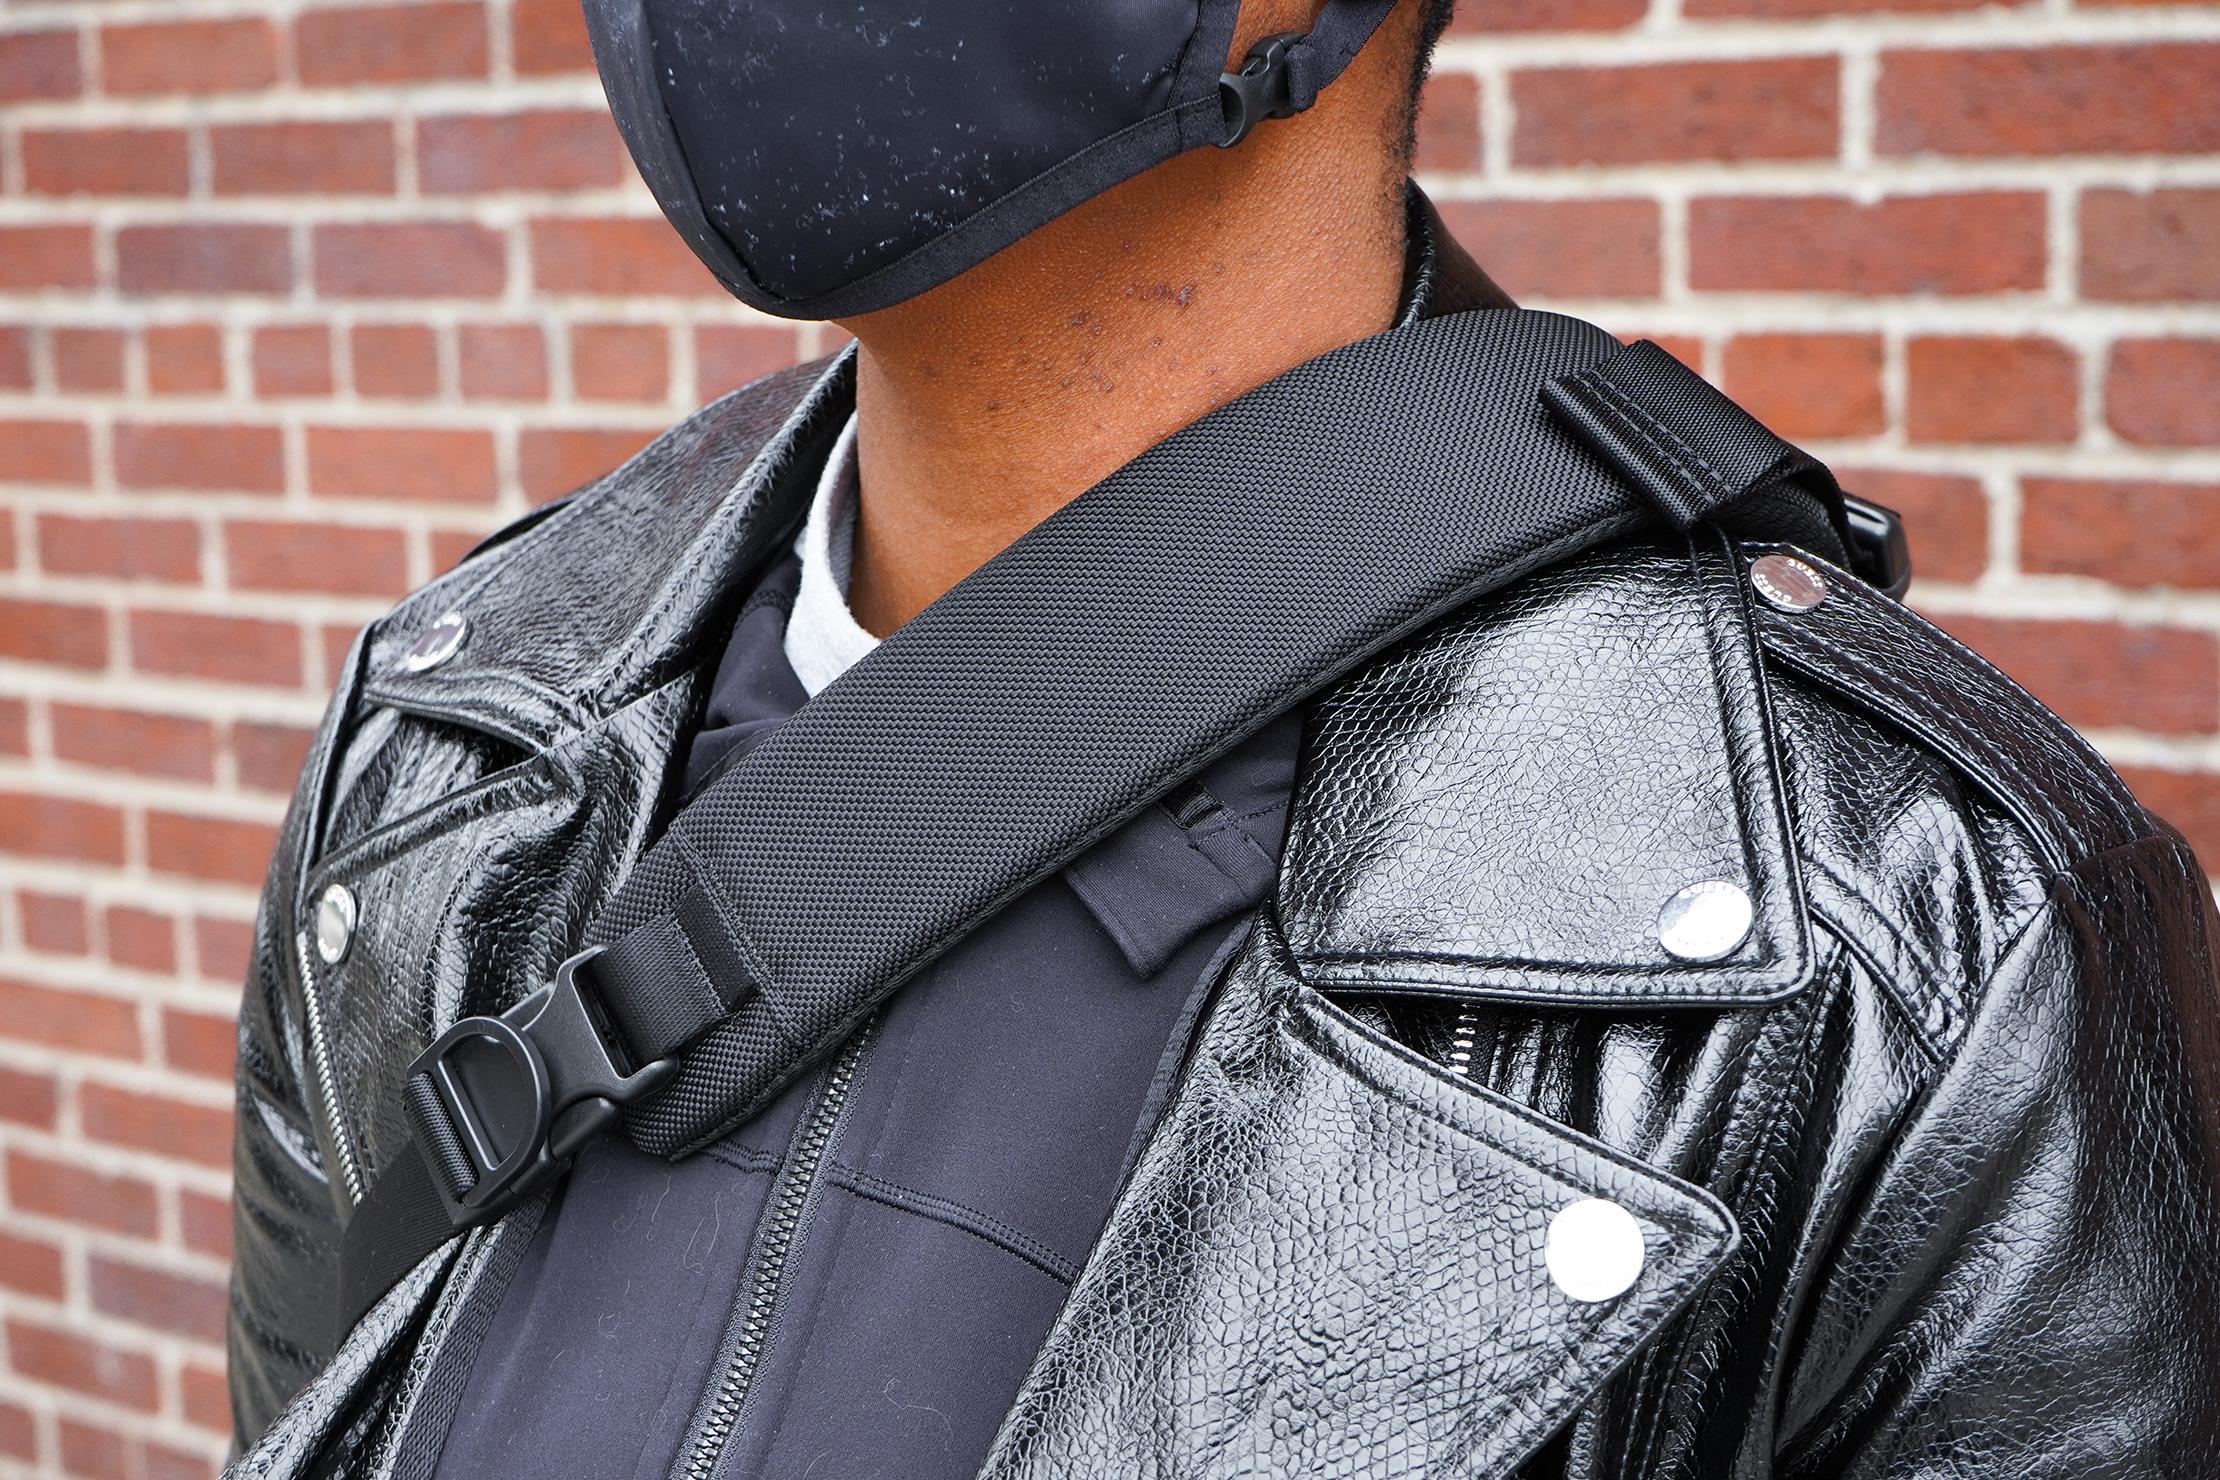 Aer Sling Bag 3 shoulder strap